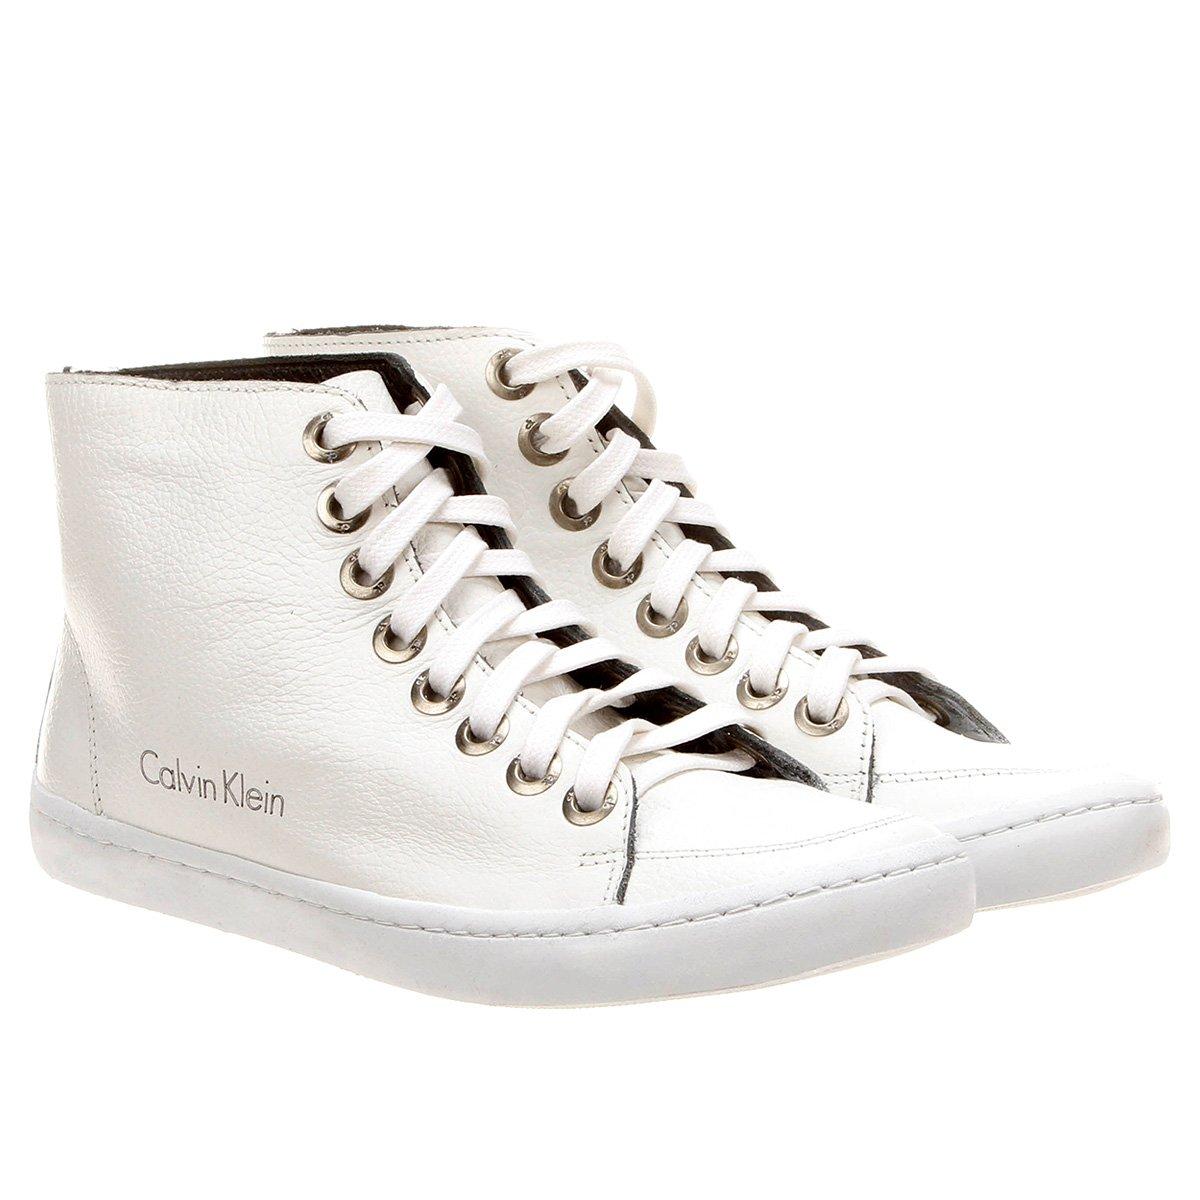 Tênis Calvin Klein Cano Alto - Compre Agora   Netshoes 477d83c089